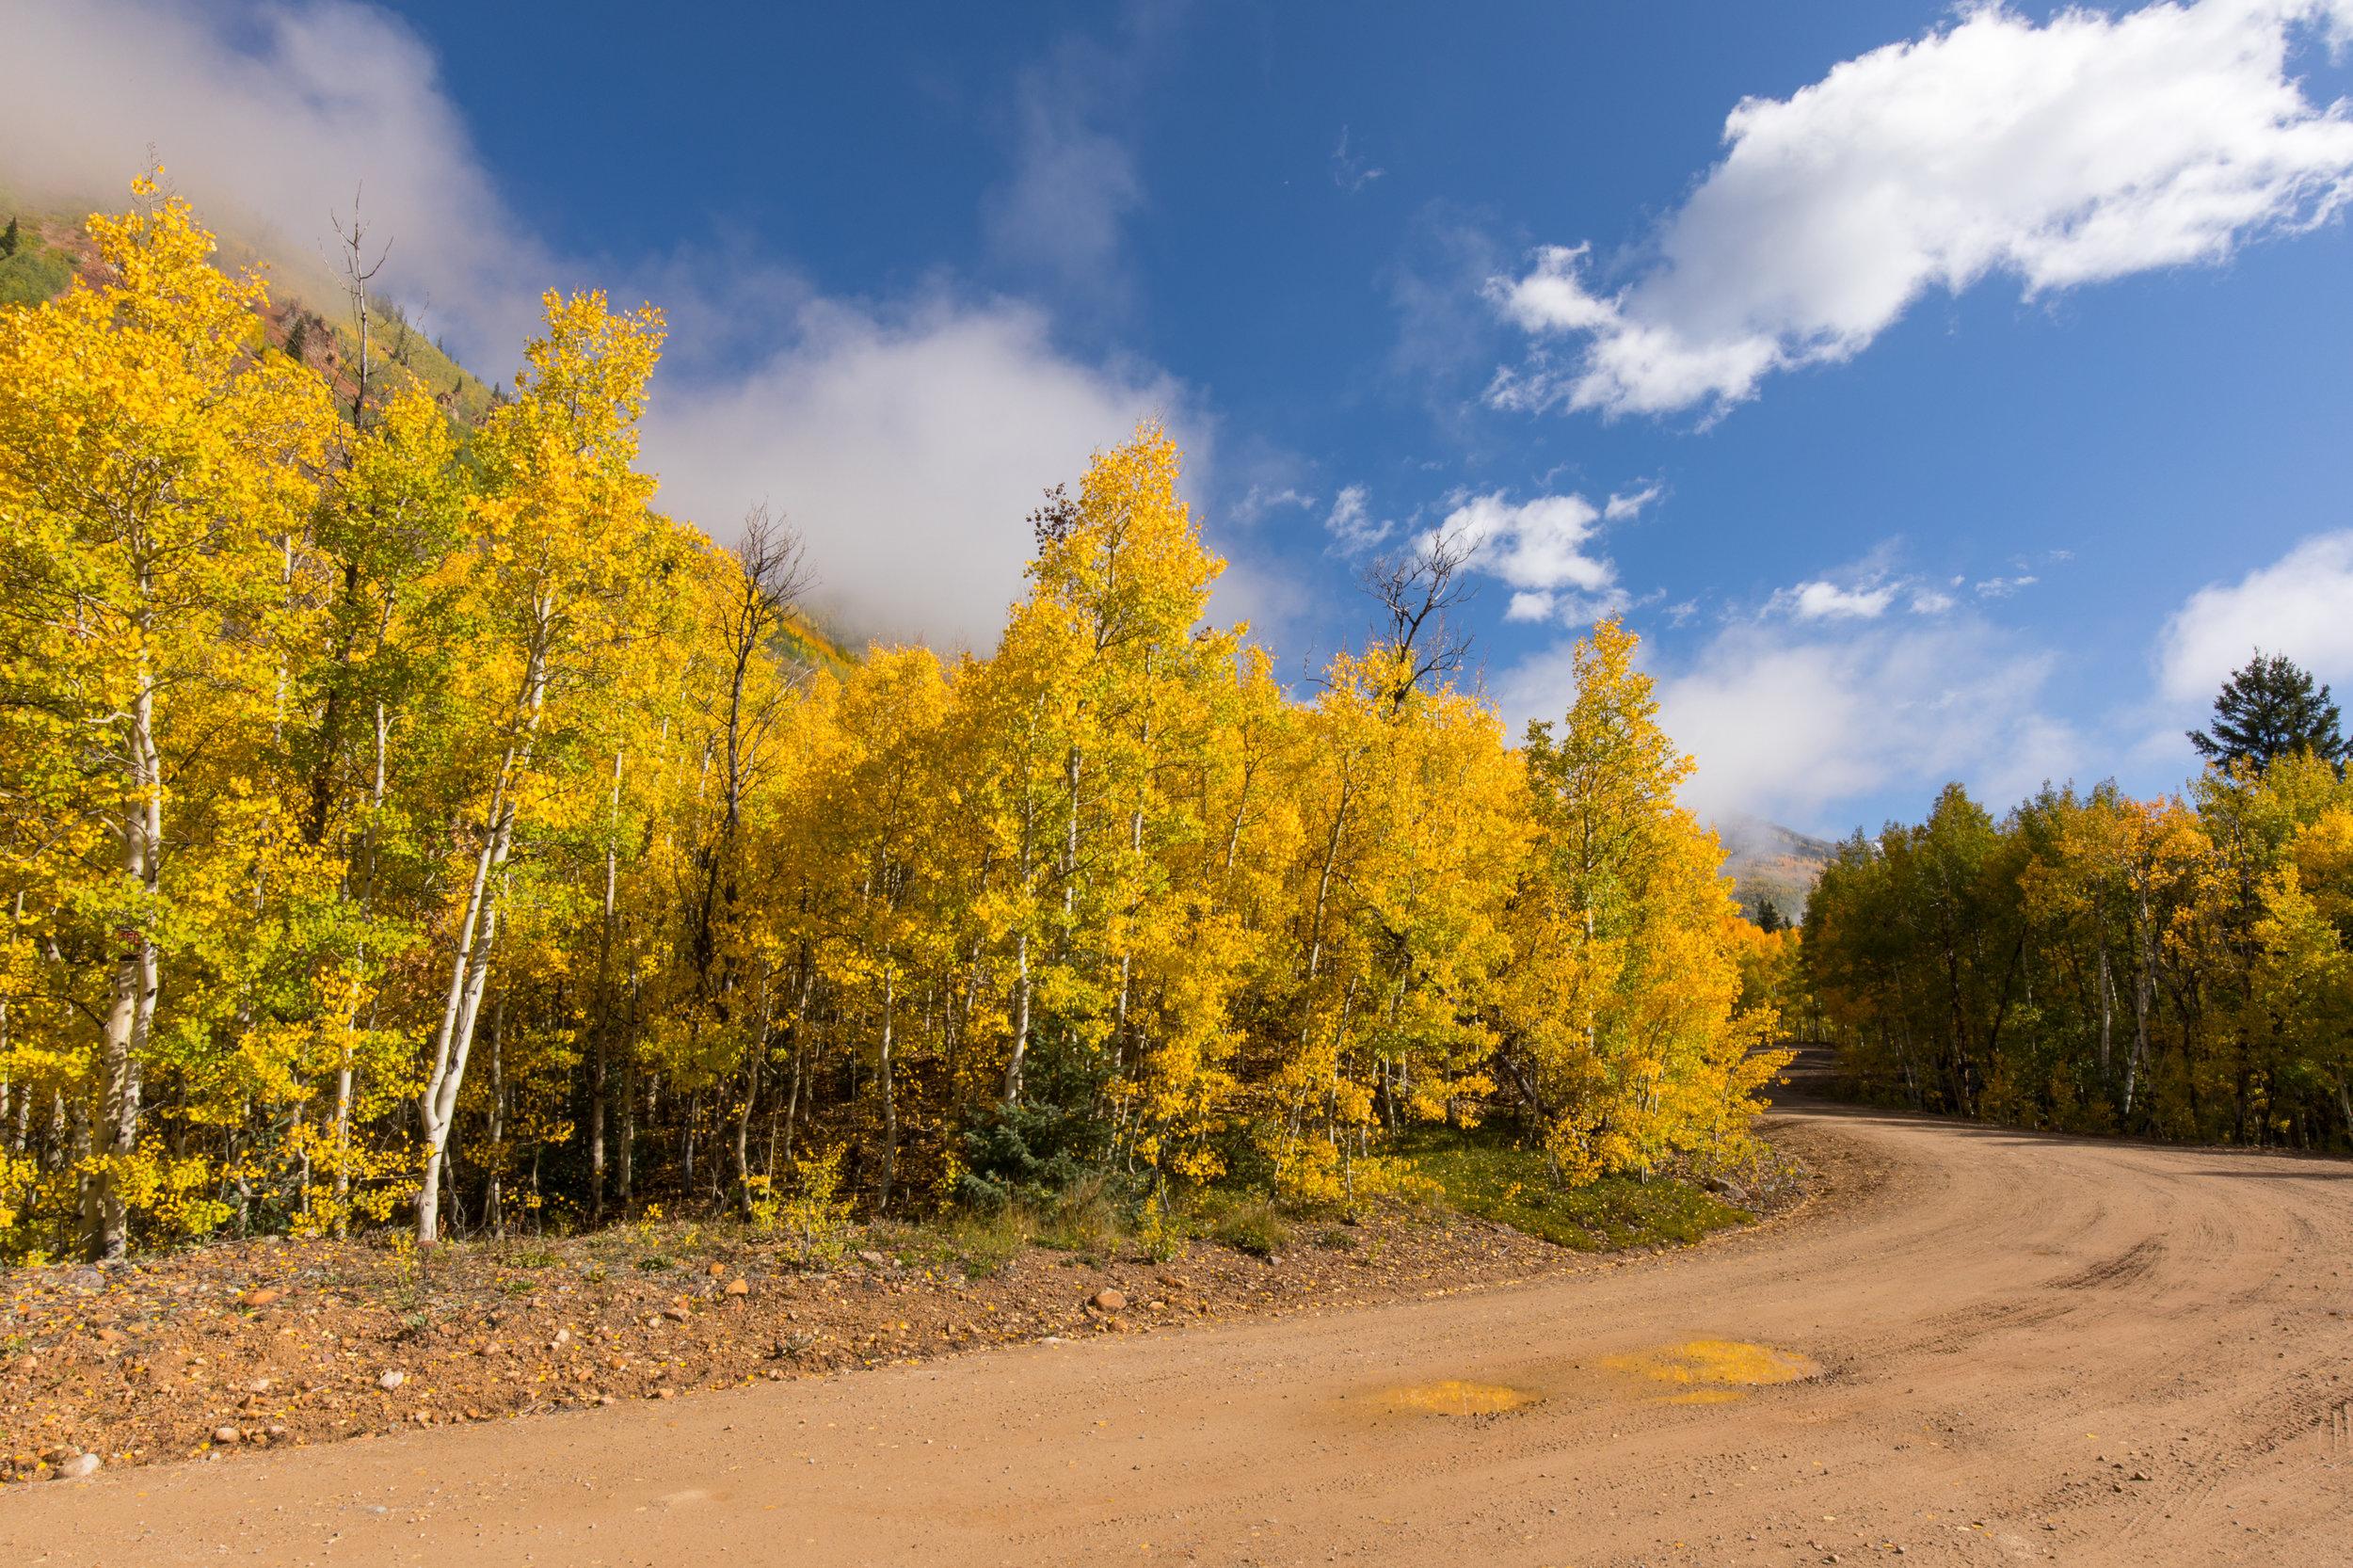 Silverton, Colorado, Image # 0789